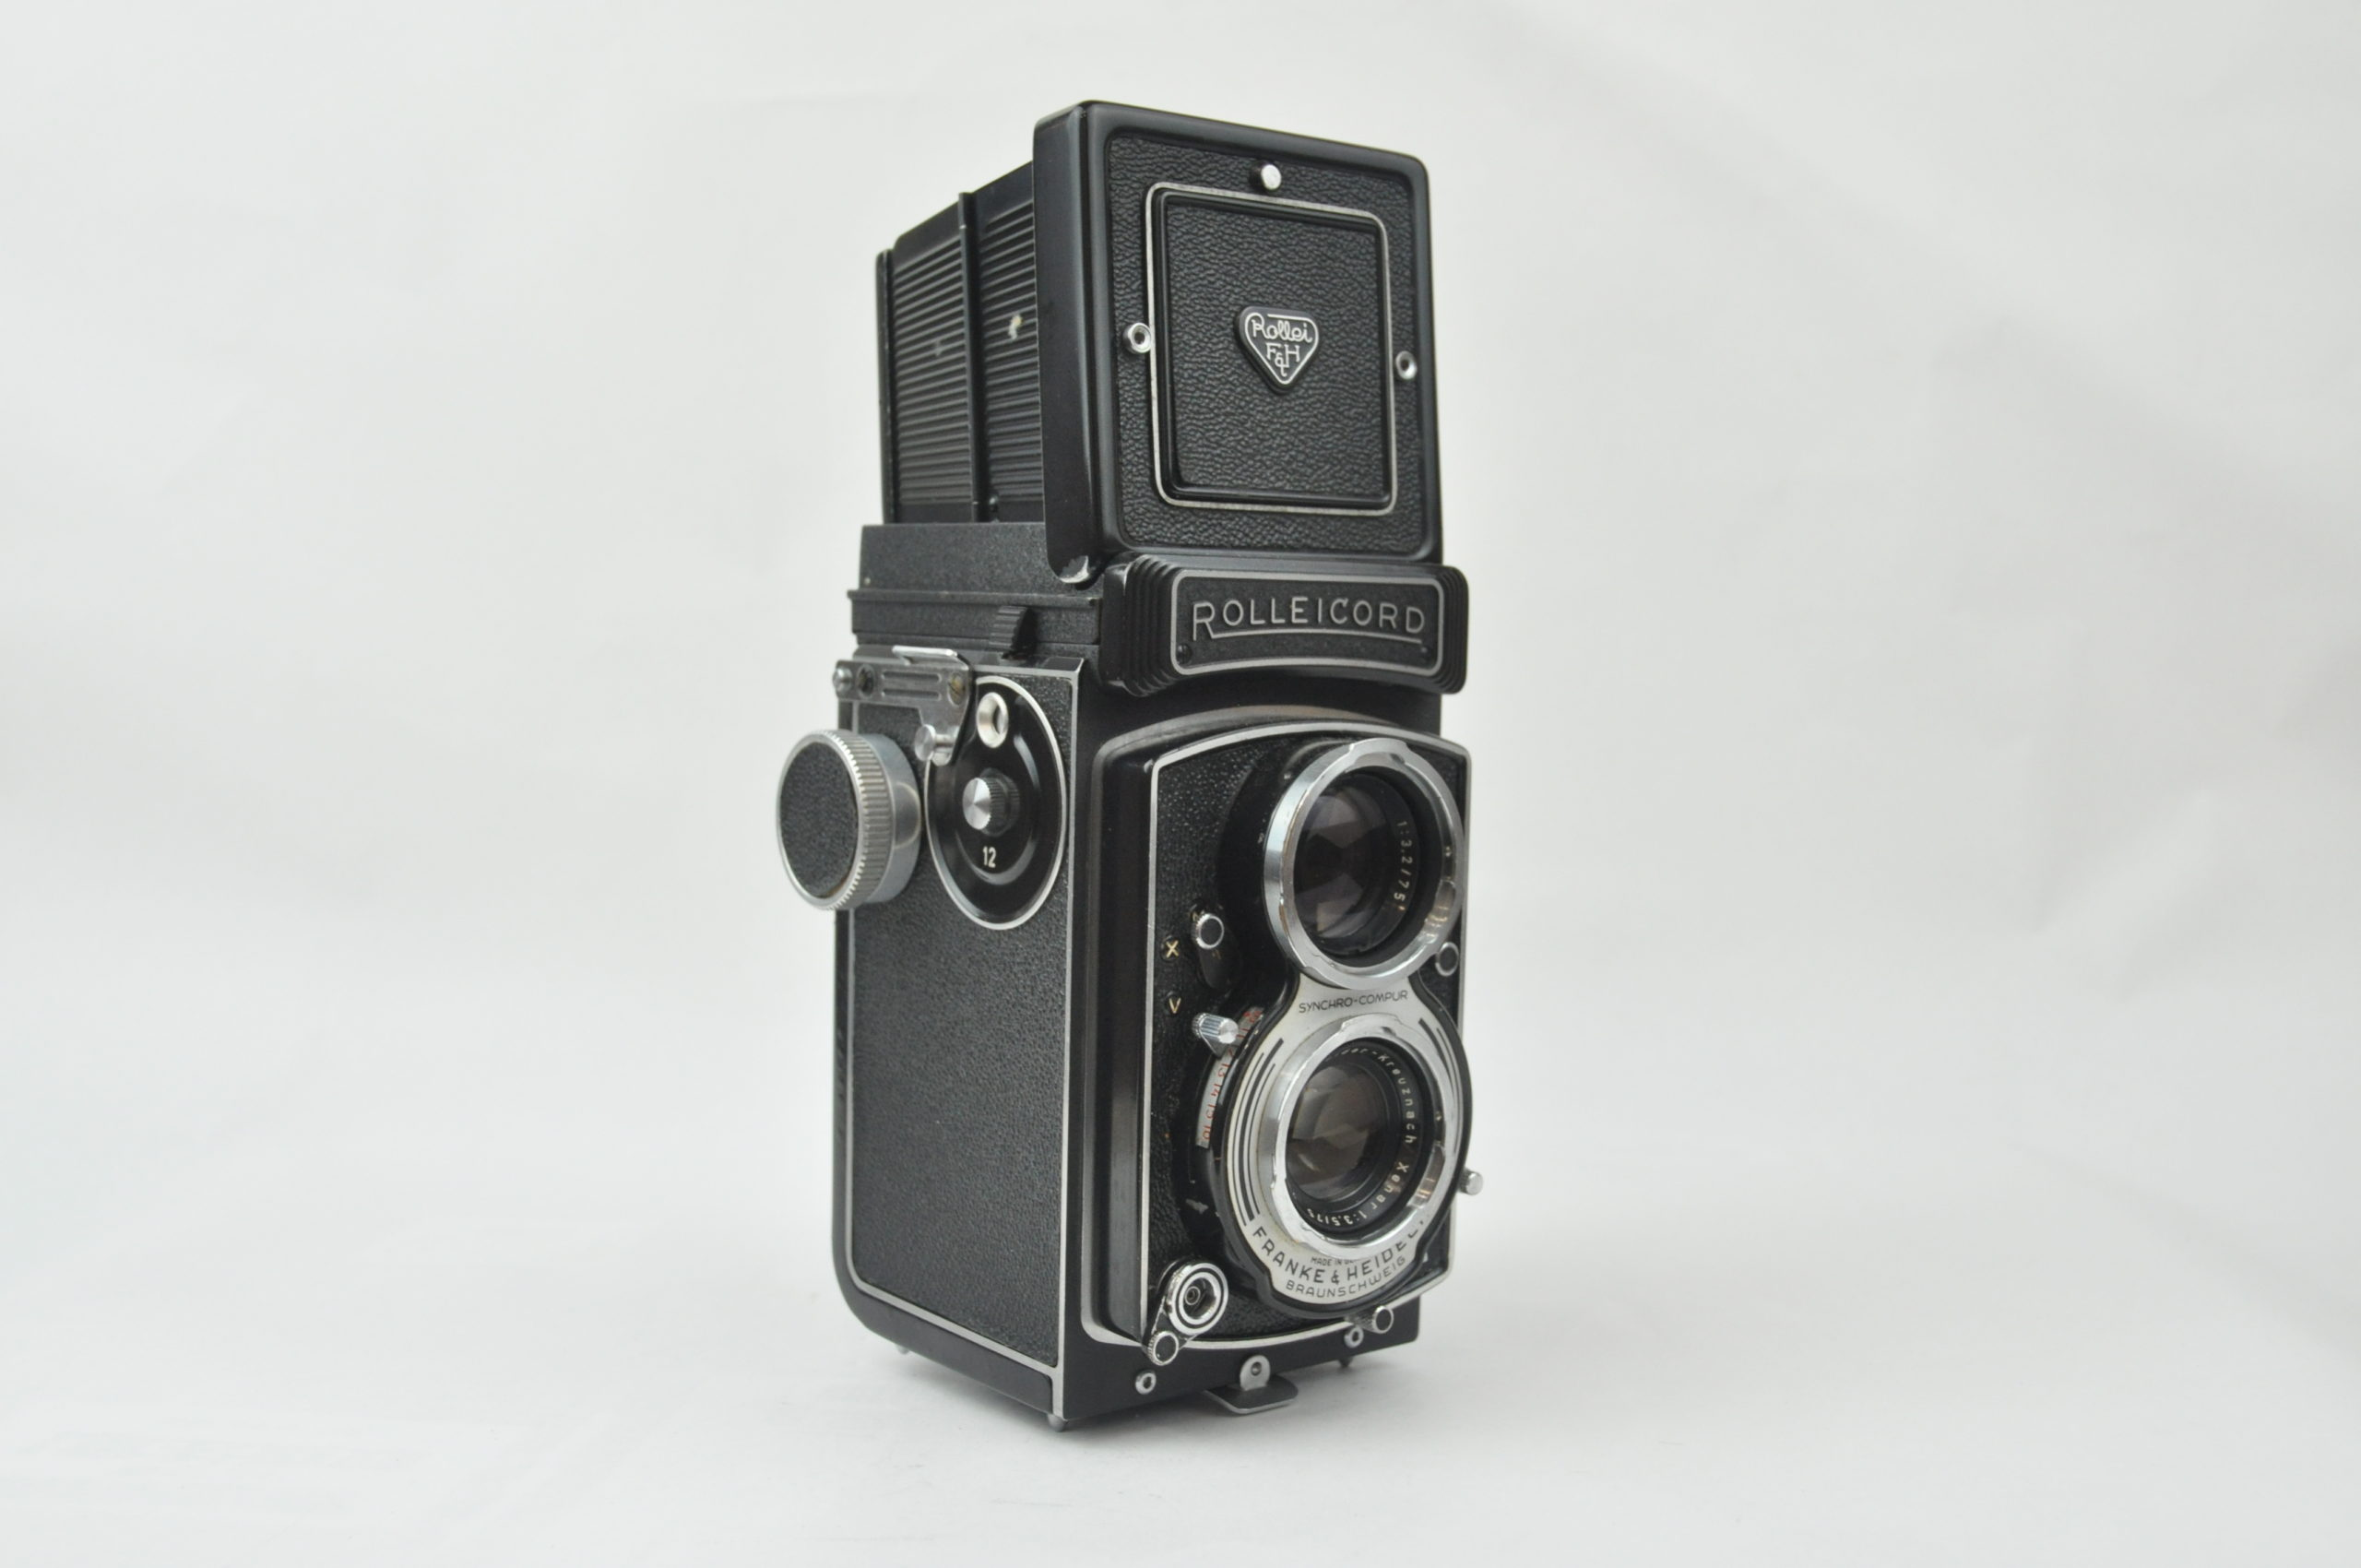 ROLLEICORD Ⅴb Xenar75mm f3.5